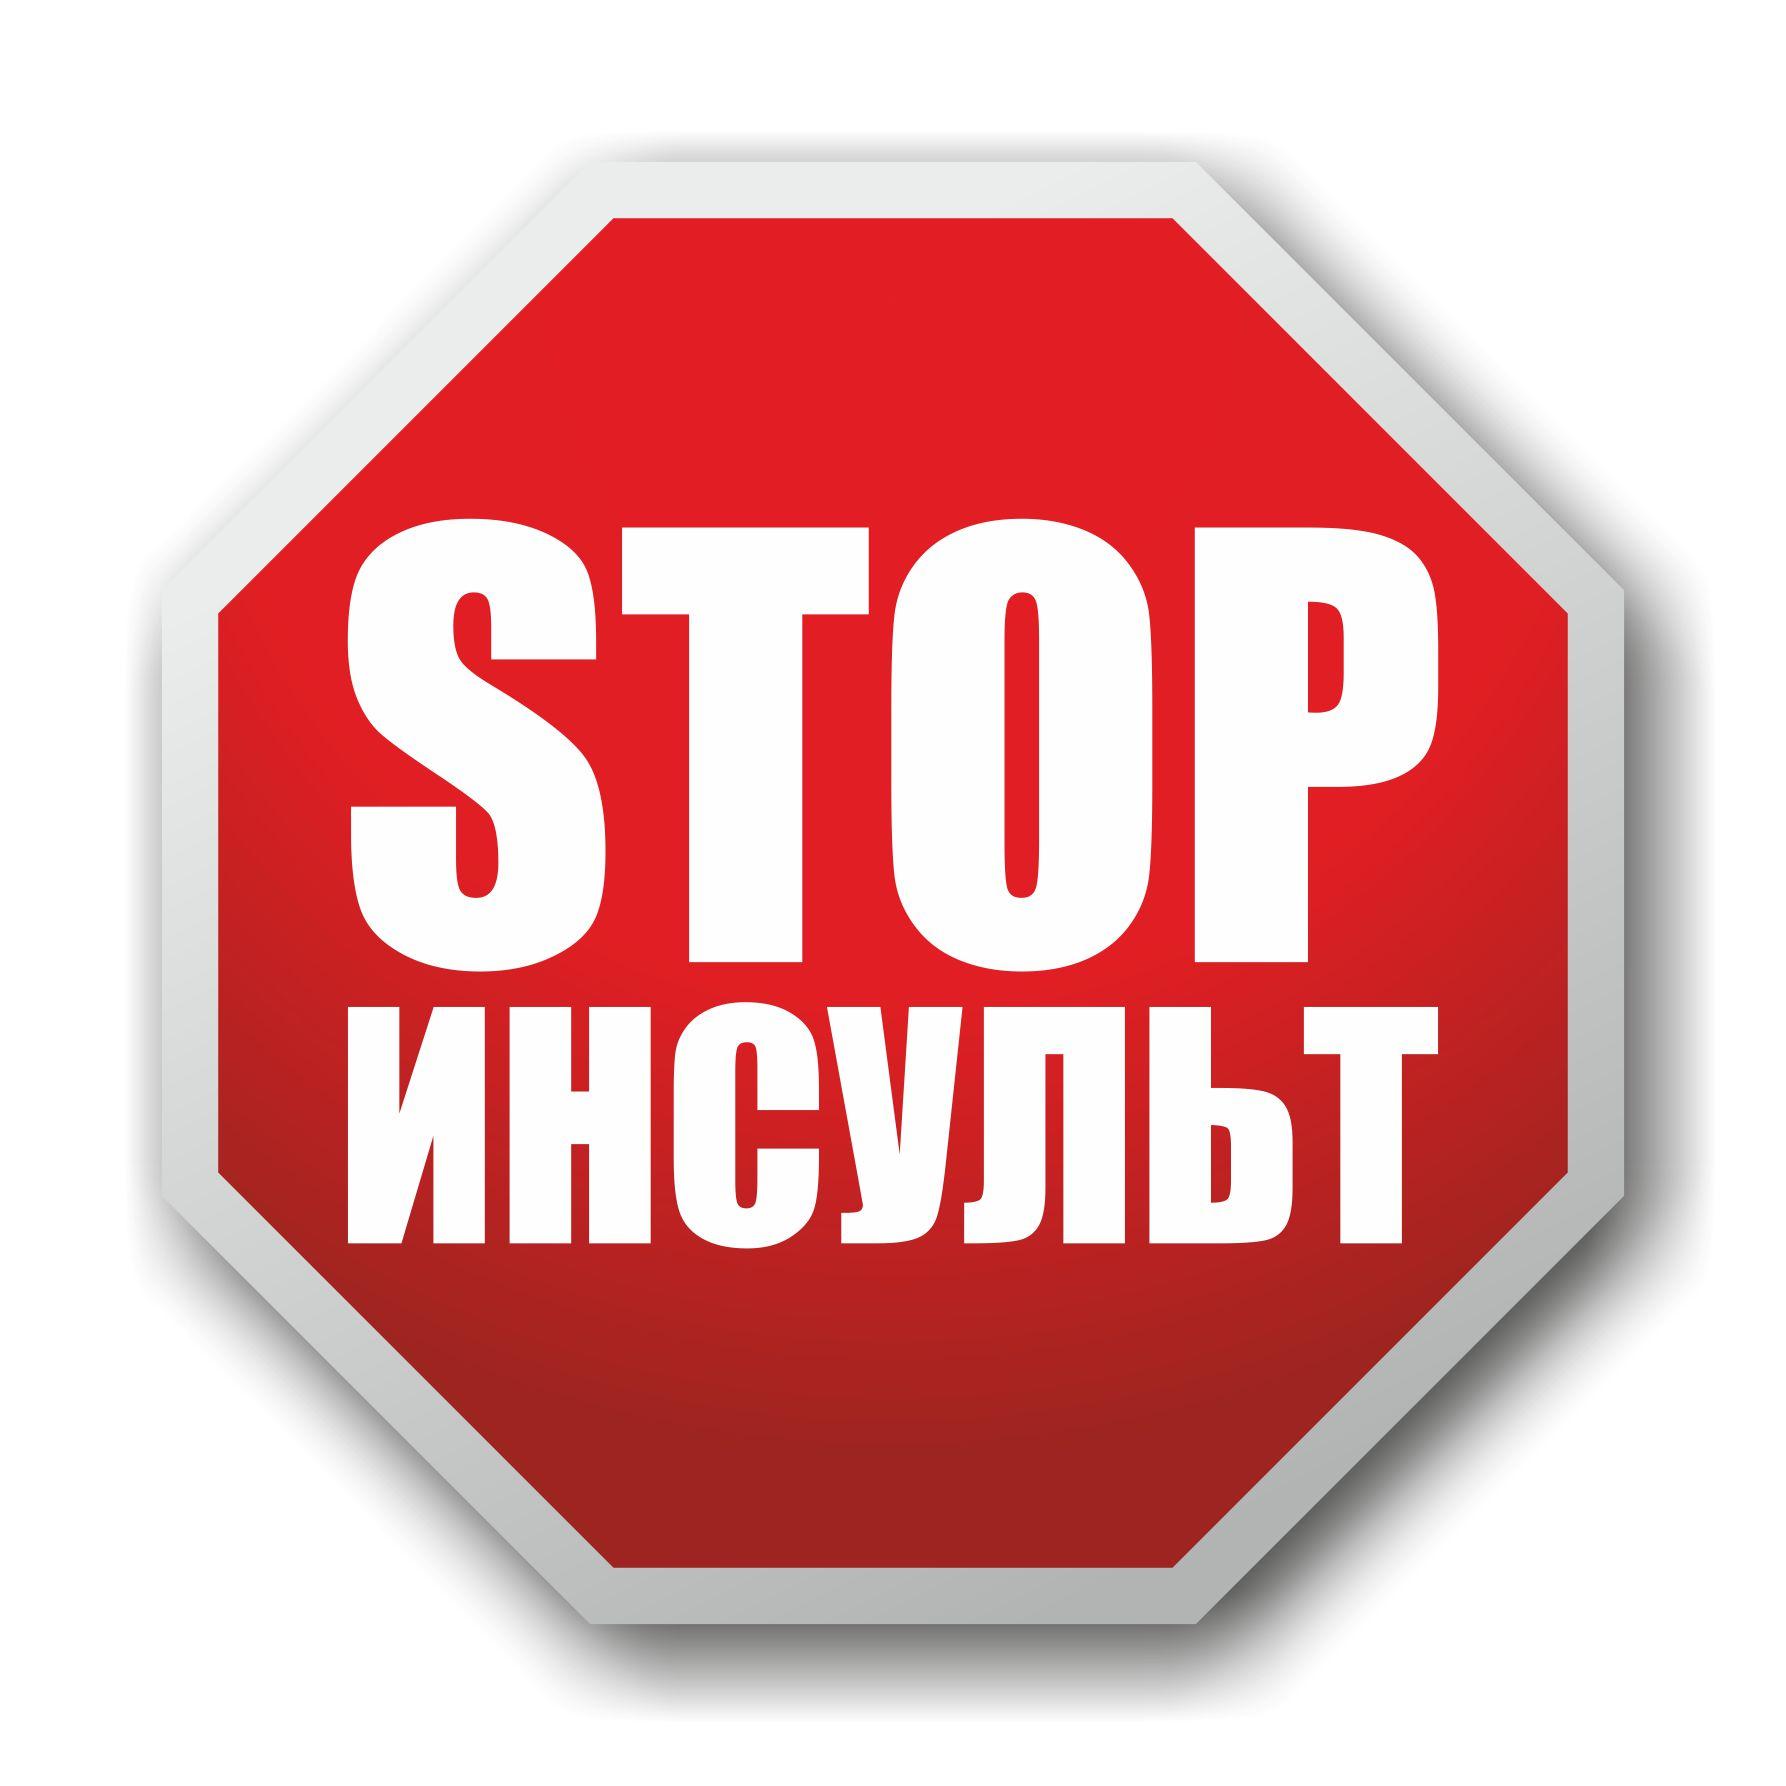 stop инсульт